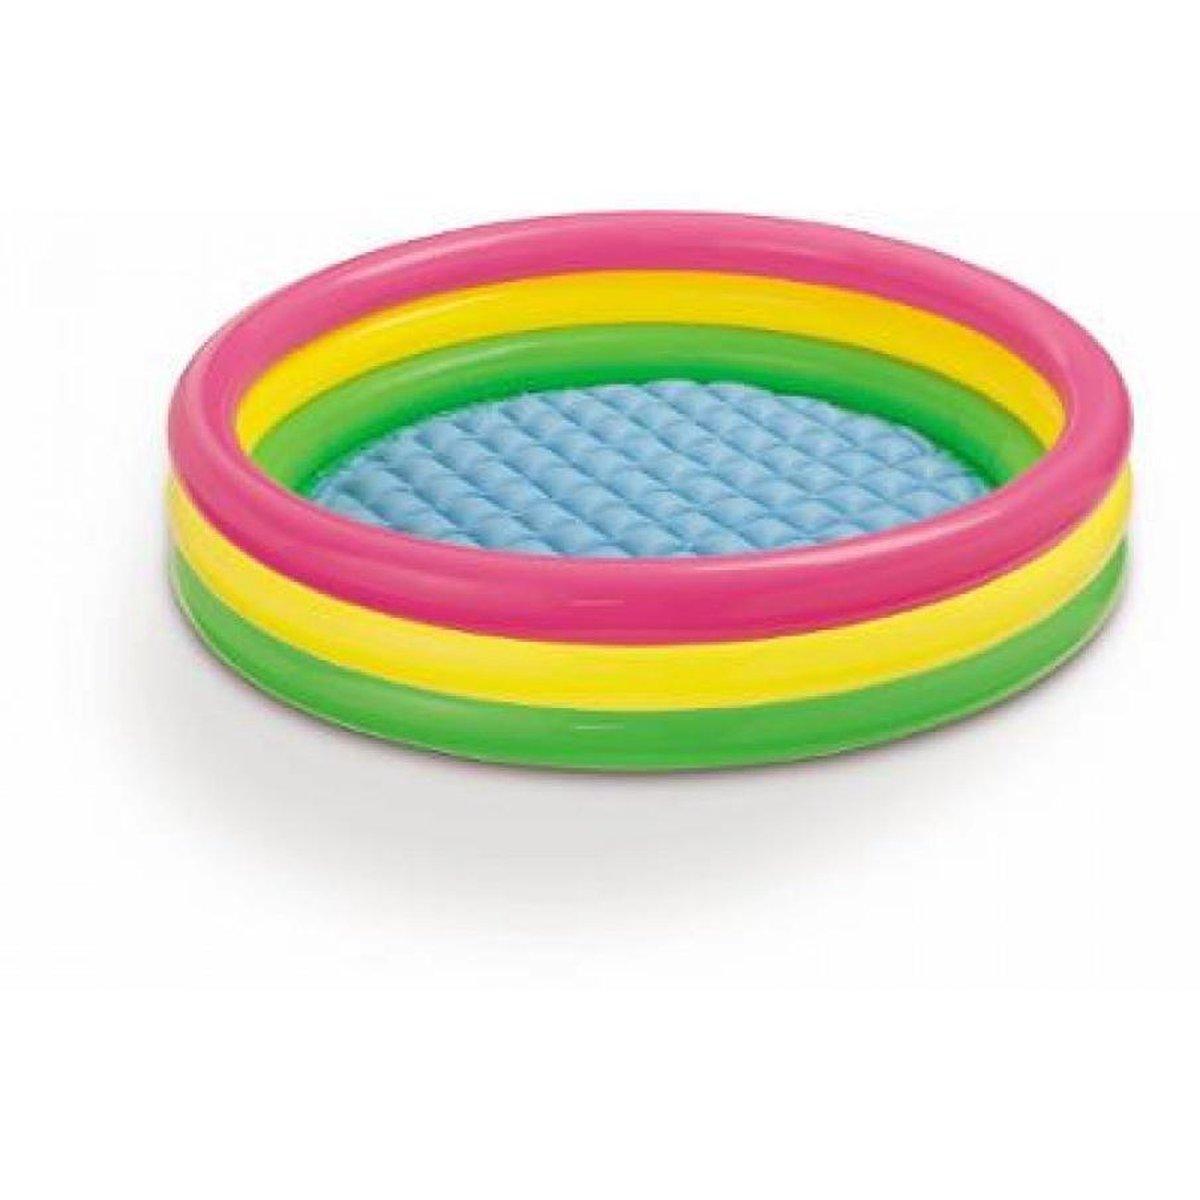 Opblaasbaar Kinderzwembad Regenboog - 147x33cm - Opblaasbaar Badje voor in de Tuin